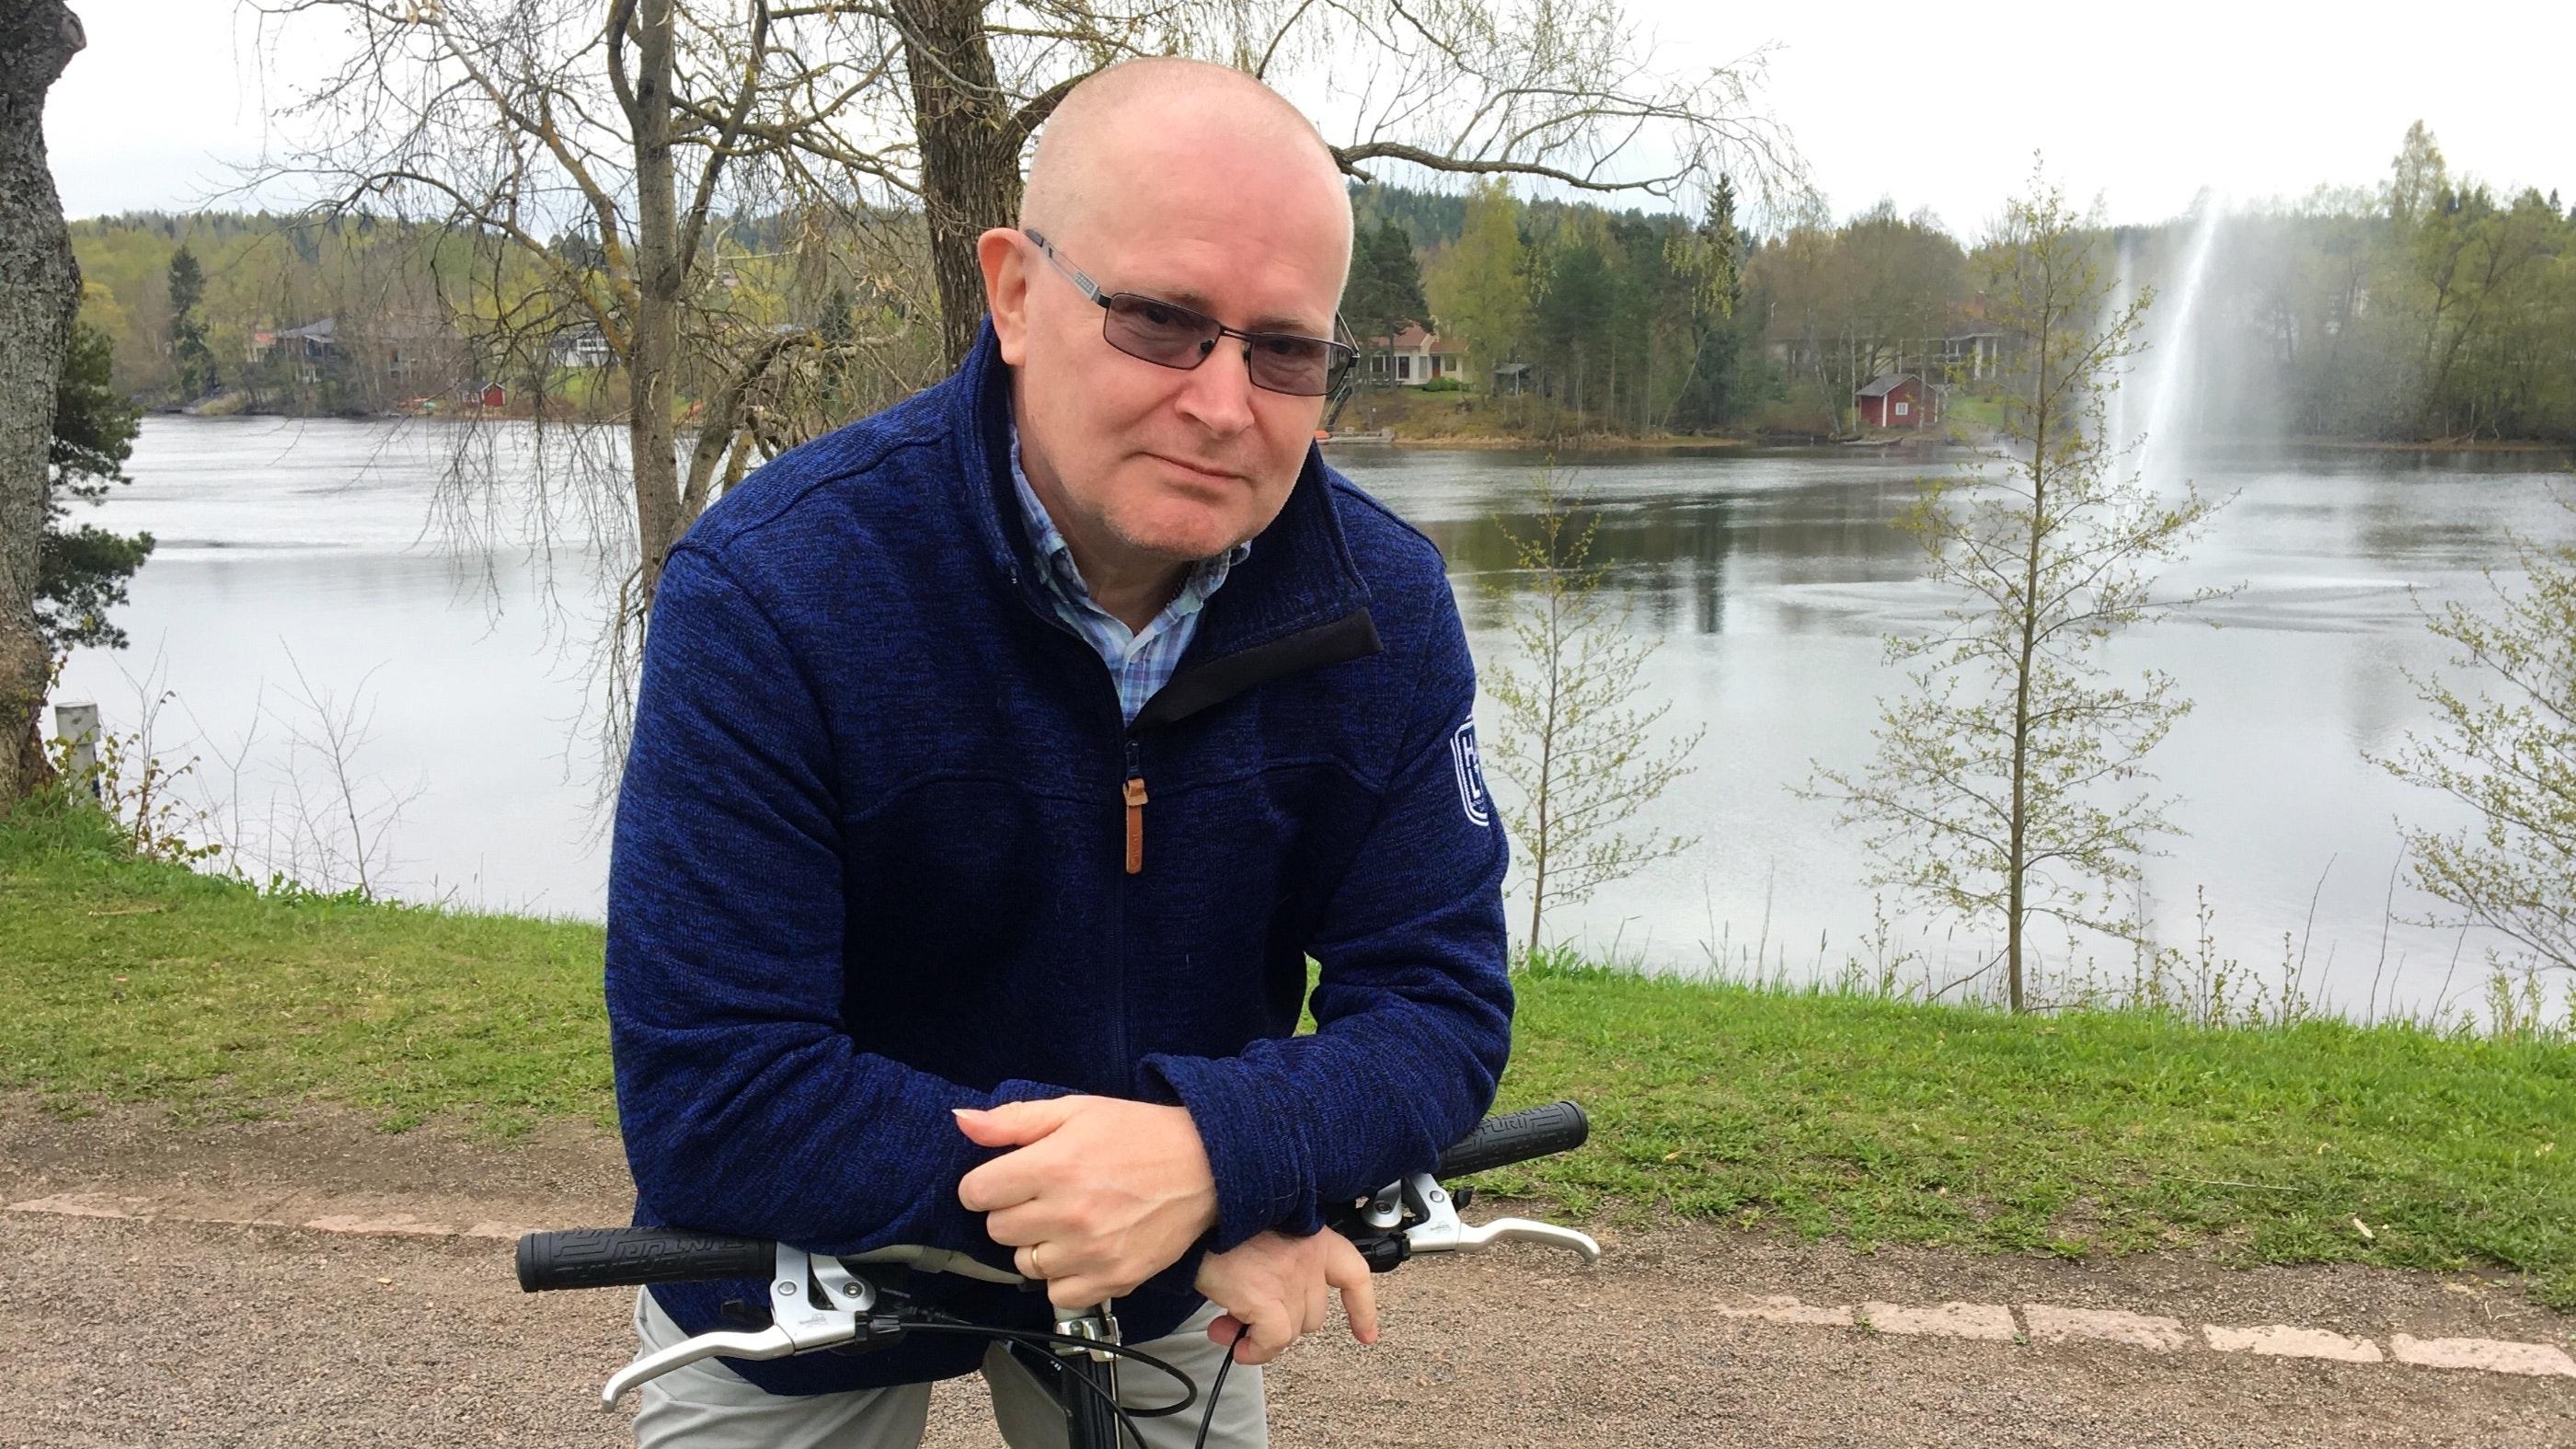 Työministeri, joka menetti työnsä – julkisuudesta poistunut Jari Lindström kertoo nyt, mikä oli hänen suurin virheensä ministerinä